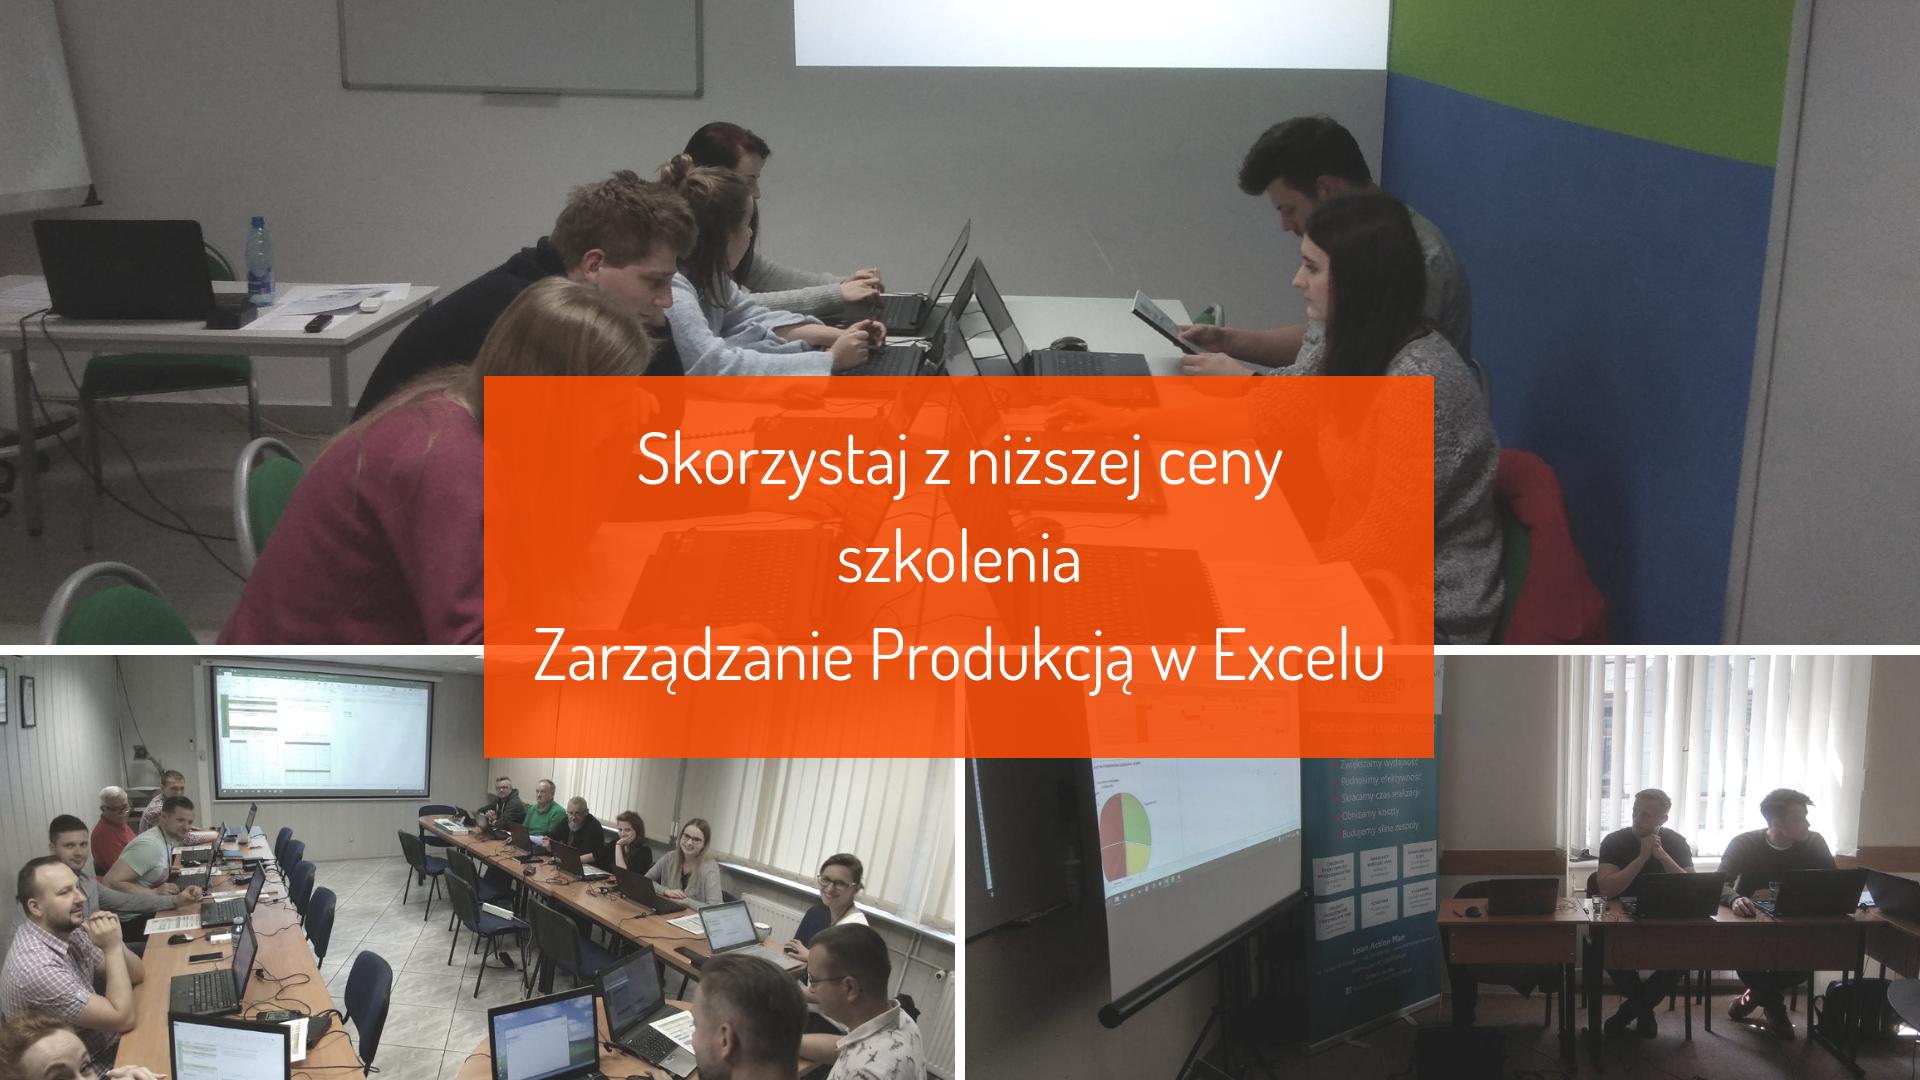 Szkolenie Zarządzanie Produkcją w Excelu